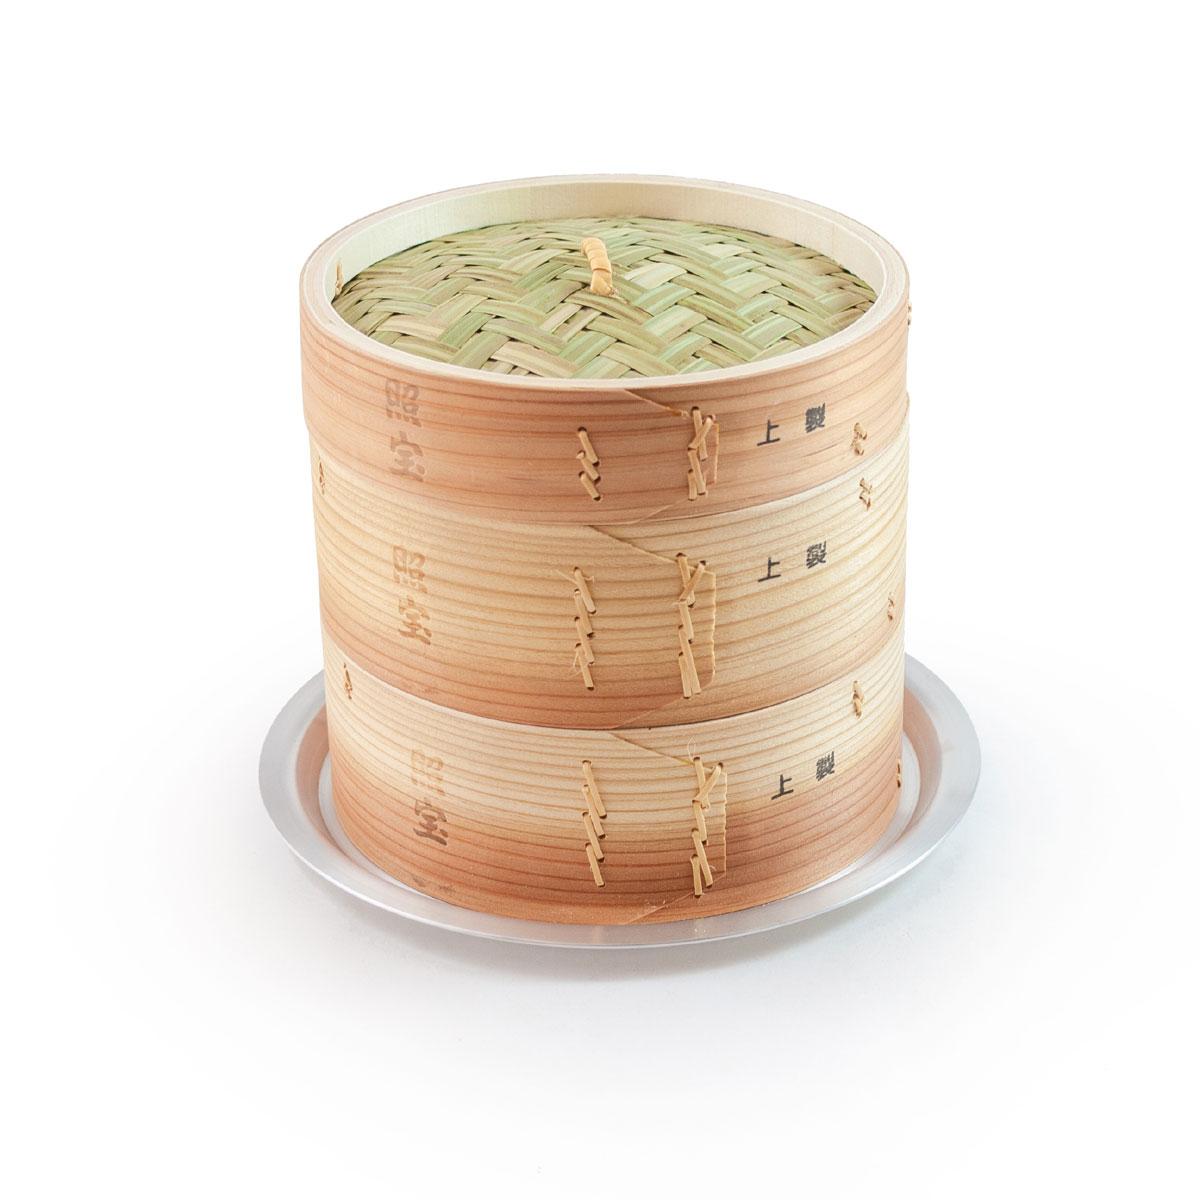 照宝 上製 中華せいろ 杉製 蒸し板セット φ18cm【RCP】【店頭受取対応商品】